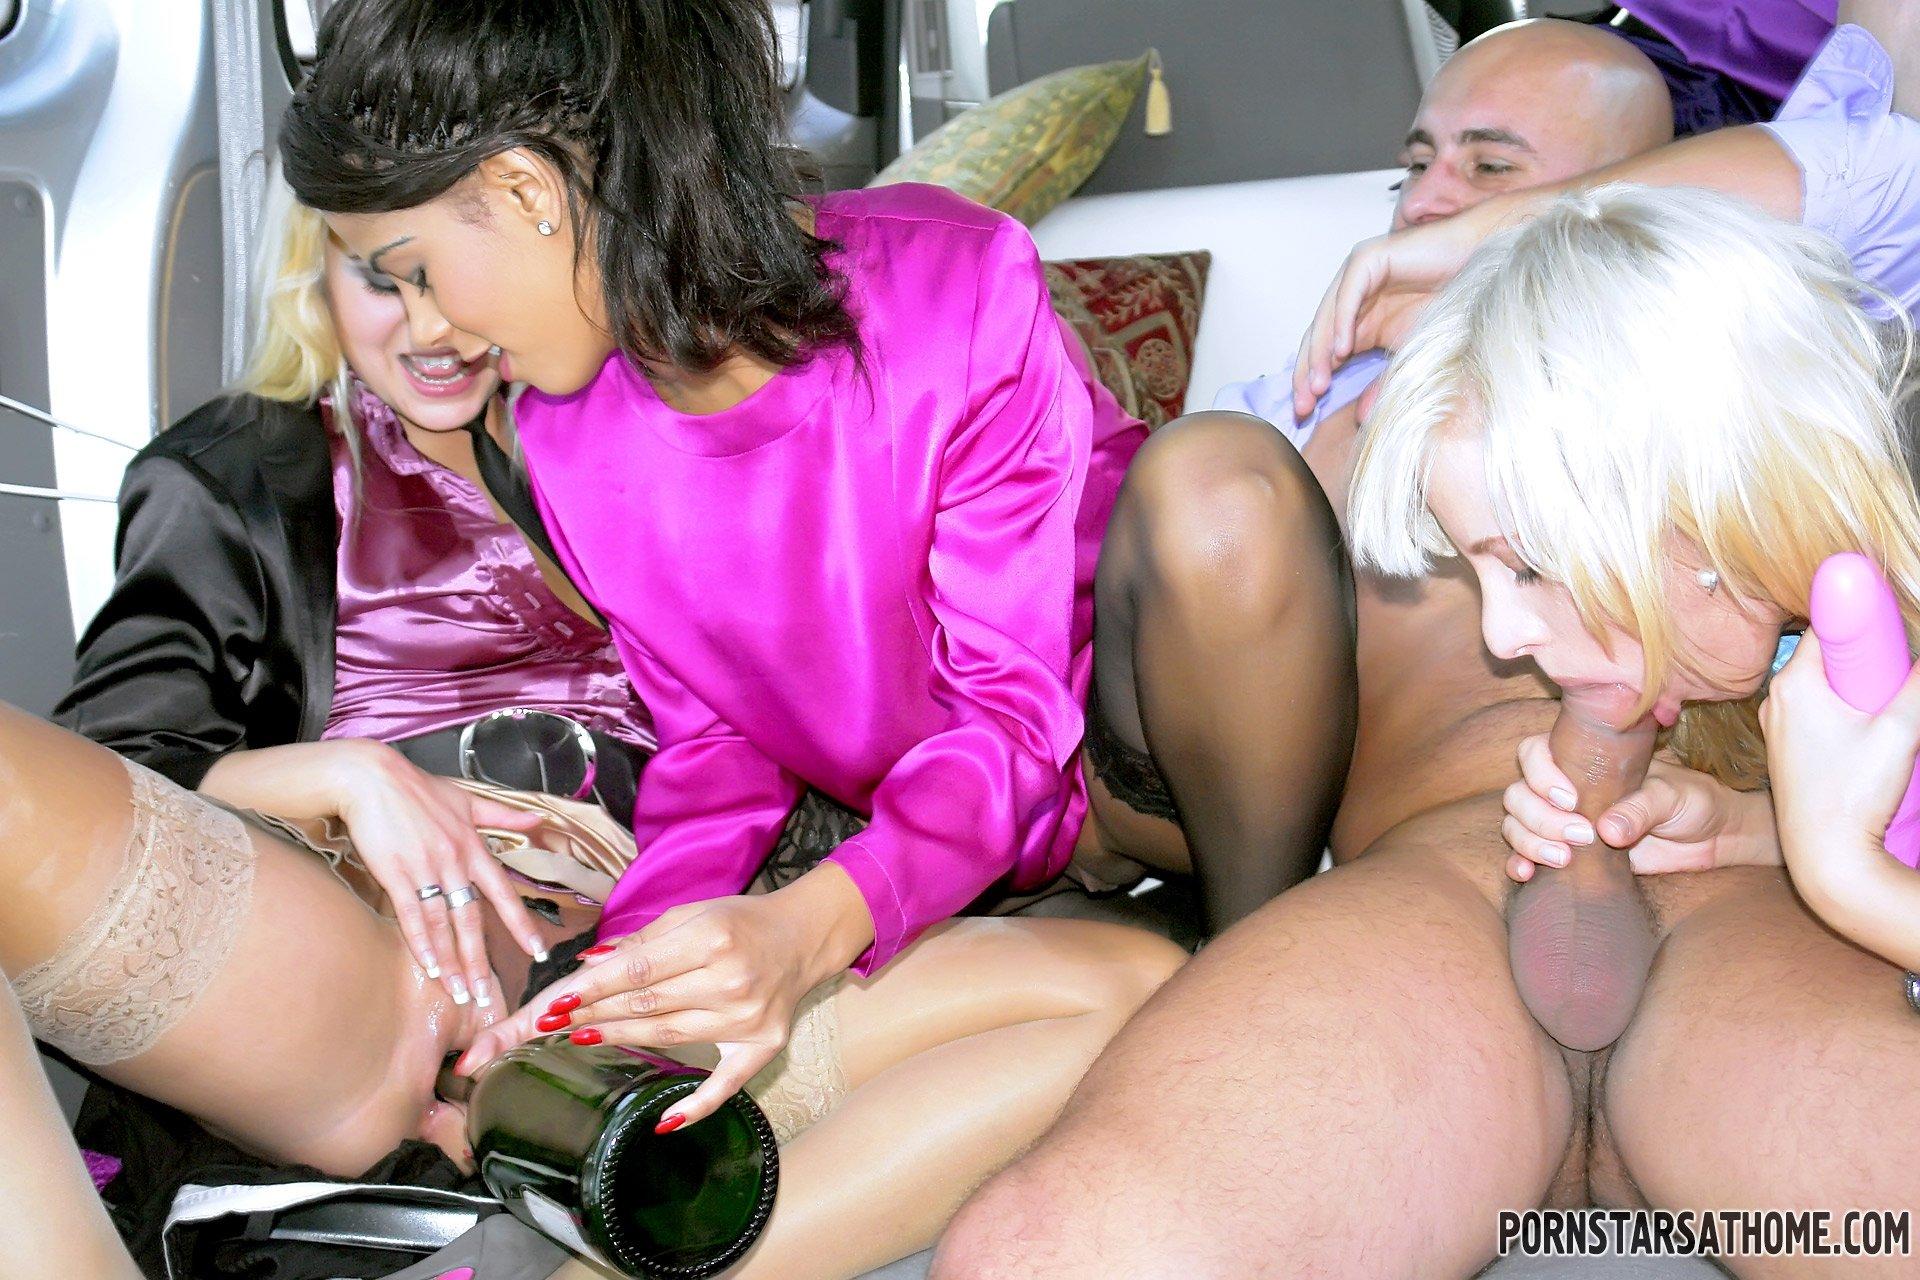 Смотреть порно пьяные красивые, Пьяные русские бабы - смотреть порно видео бесплатно 19 фотография